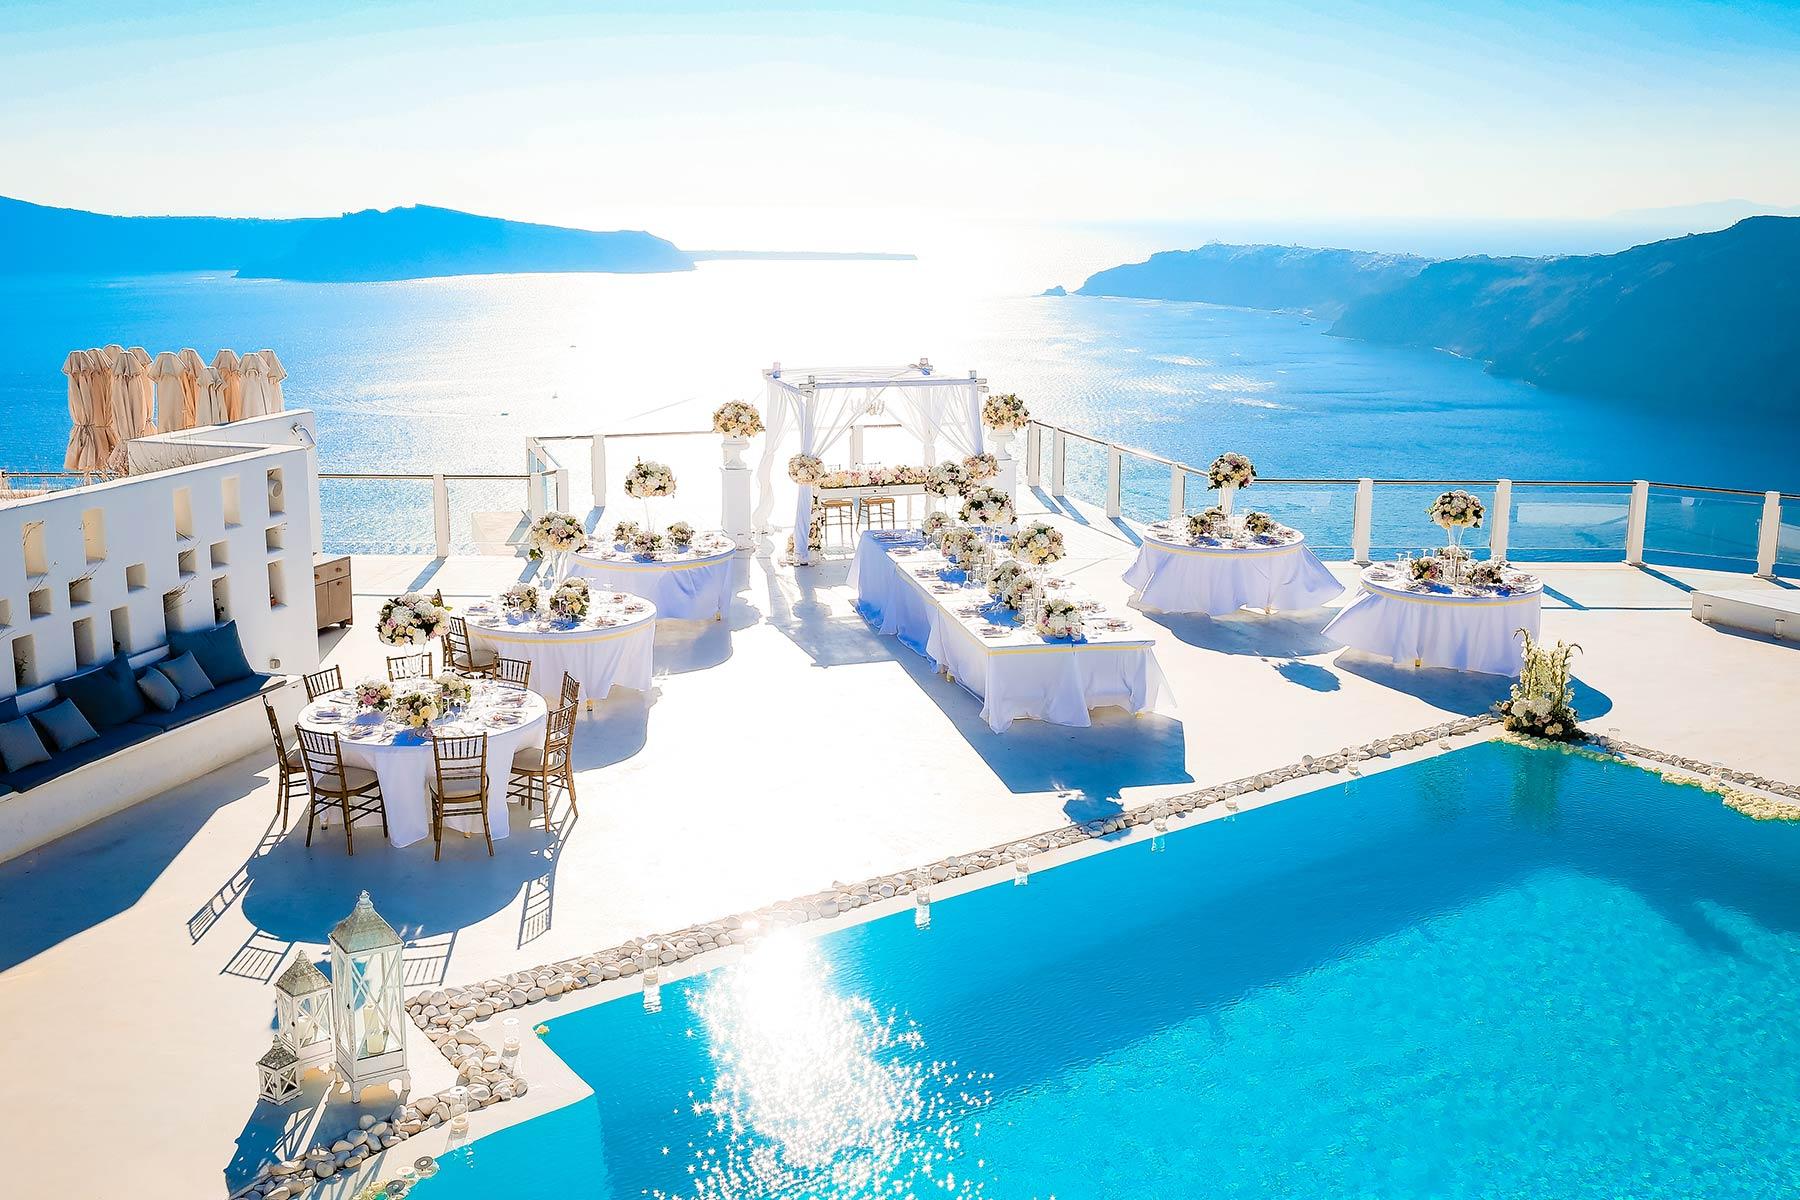 Exclusive Pool Venue